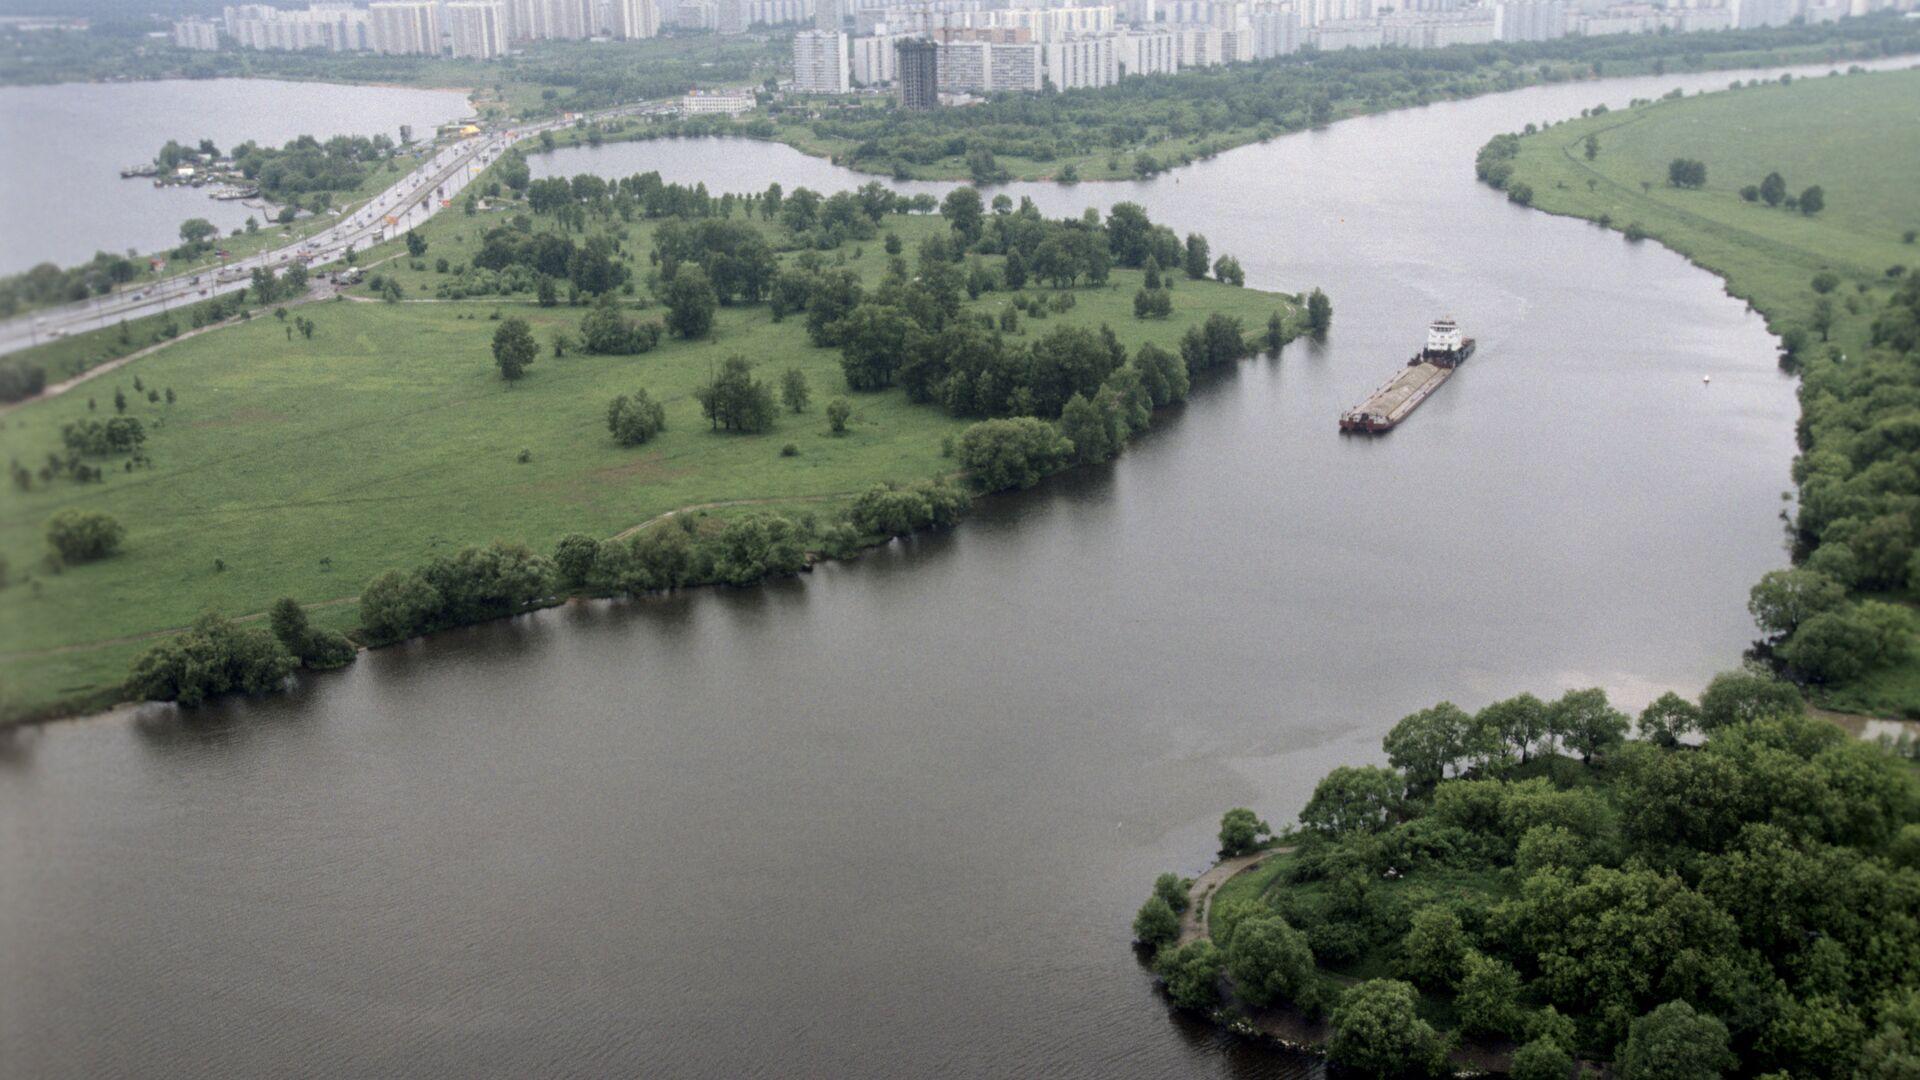 Вид на Москву-реку и район Строгино - РИА Новости, 1920, 23.10.2020